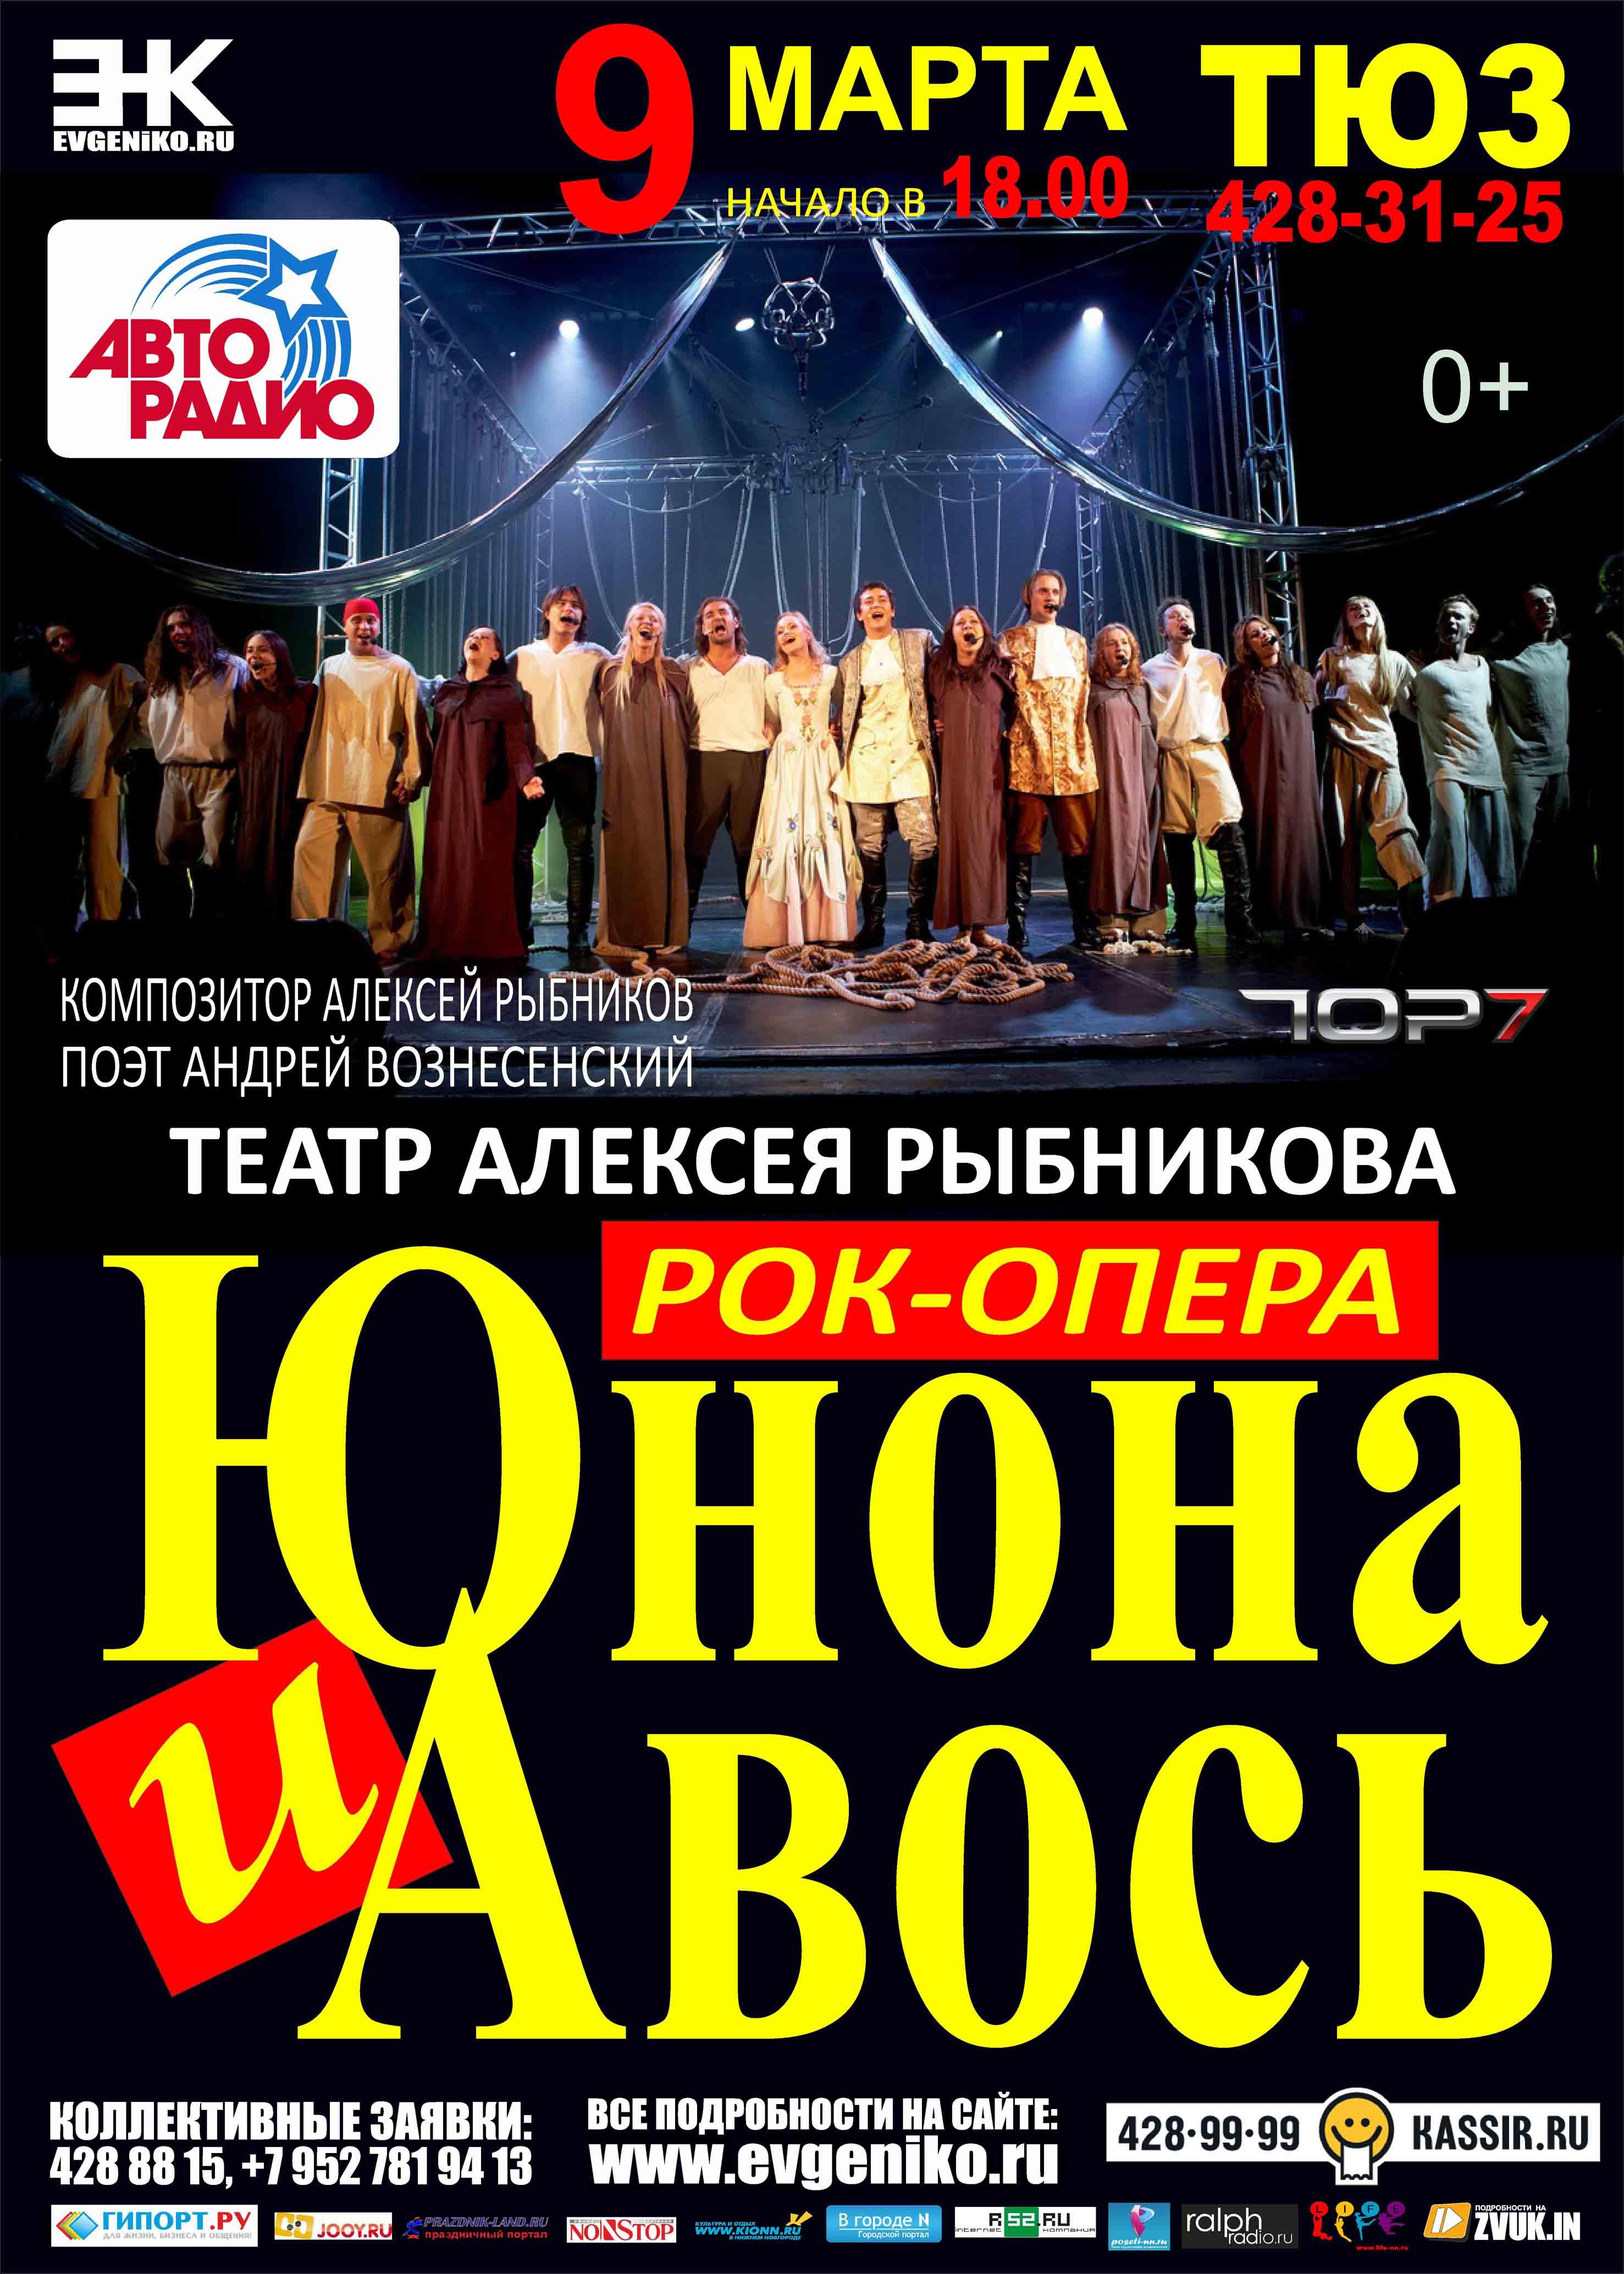 Рок-опера Юнона и Авось в Нижнем Новгороде